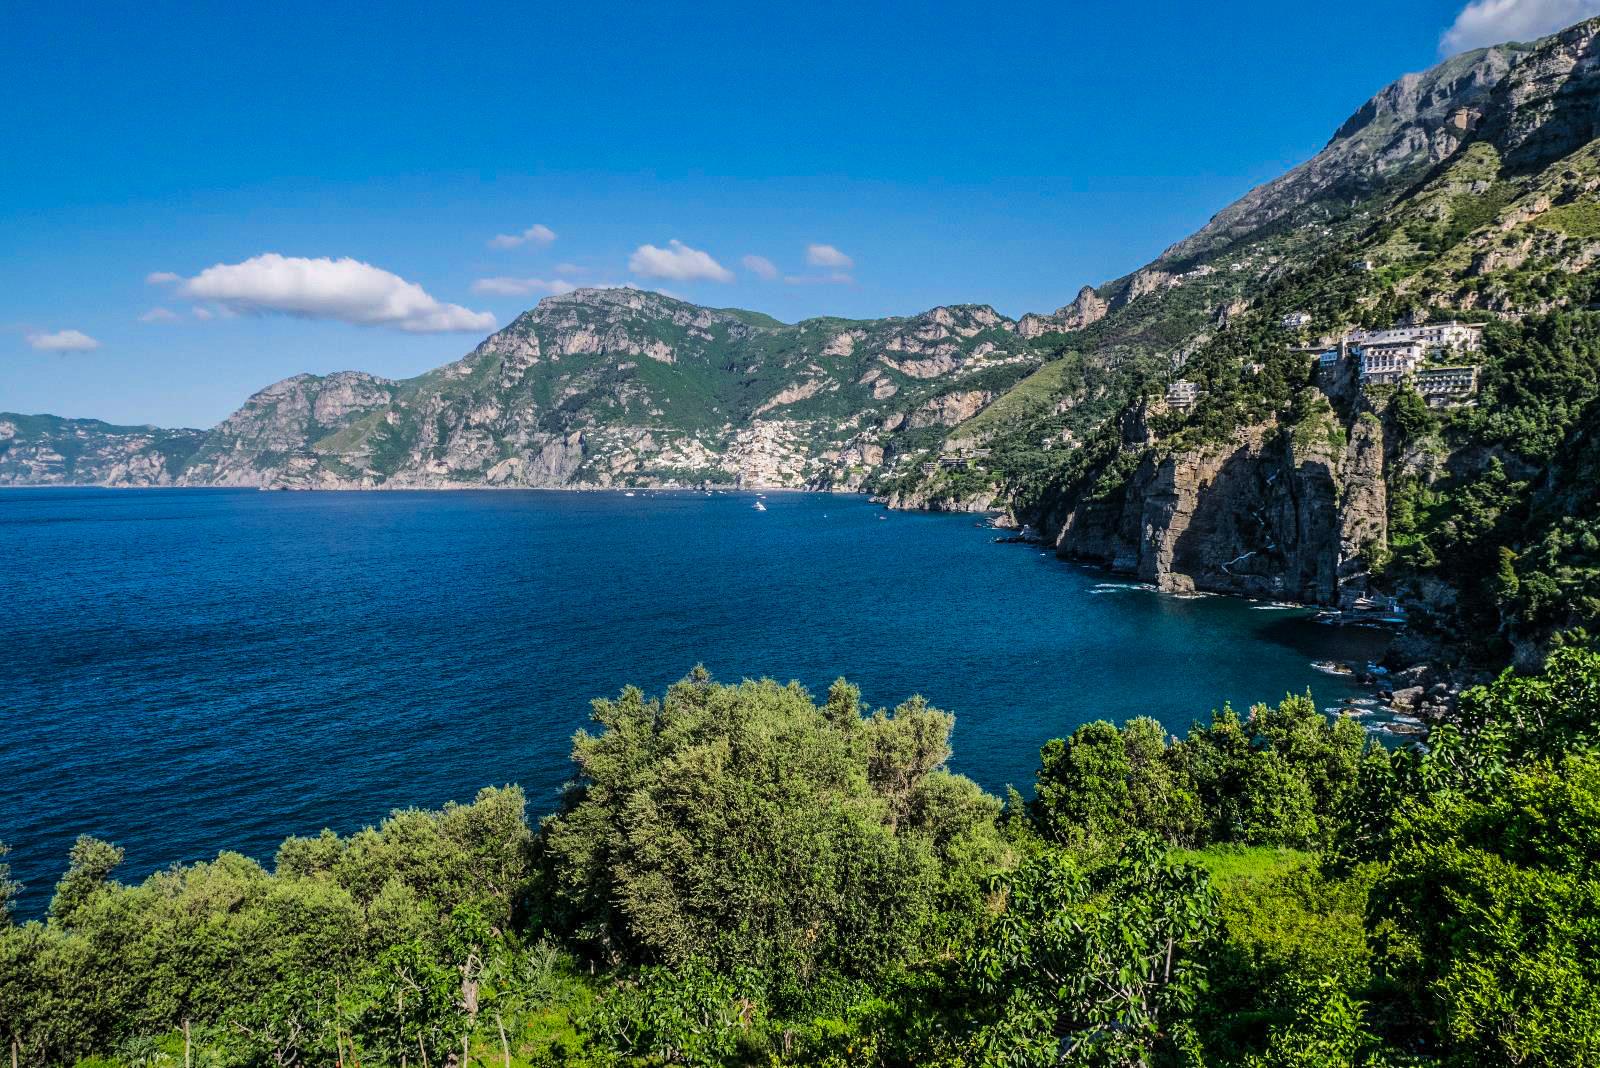 ים כחול בוהק לצד הרים ירוקים, אמלפי (צילום: ליאור קורן)